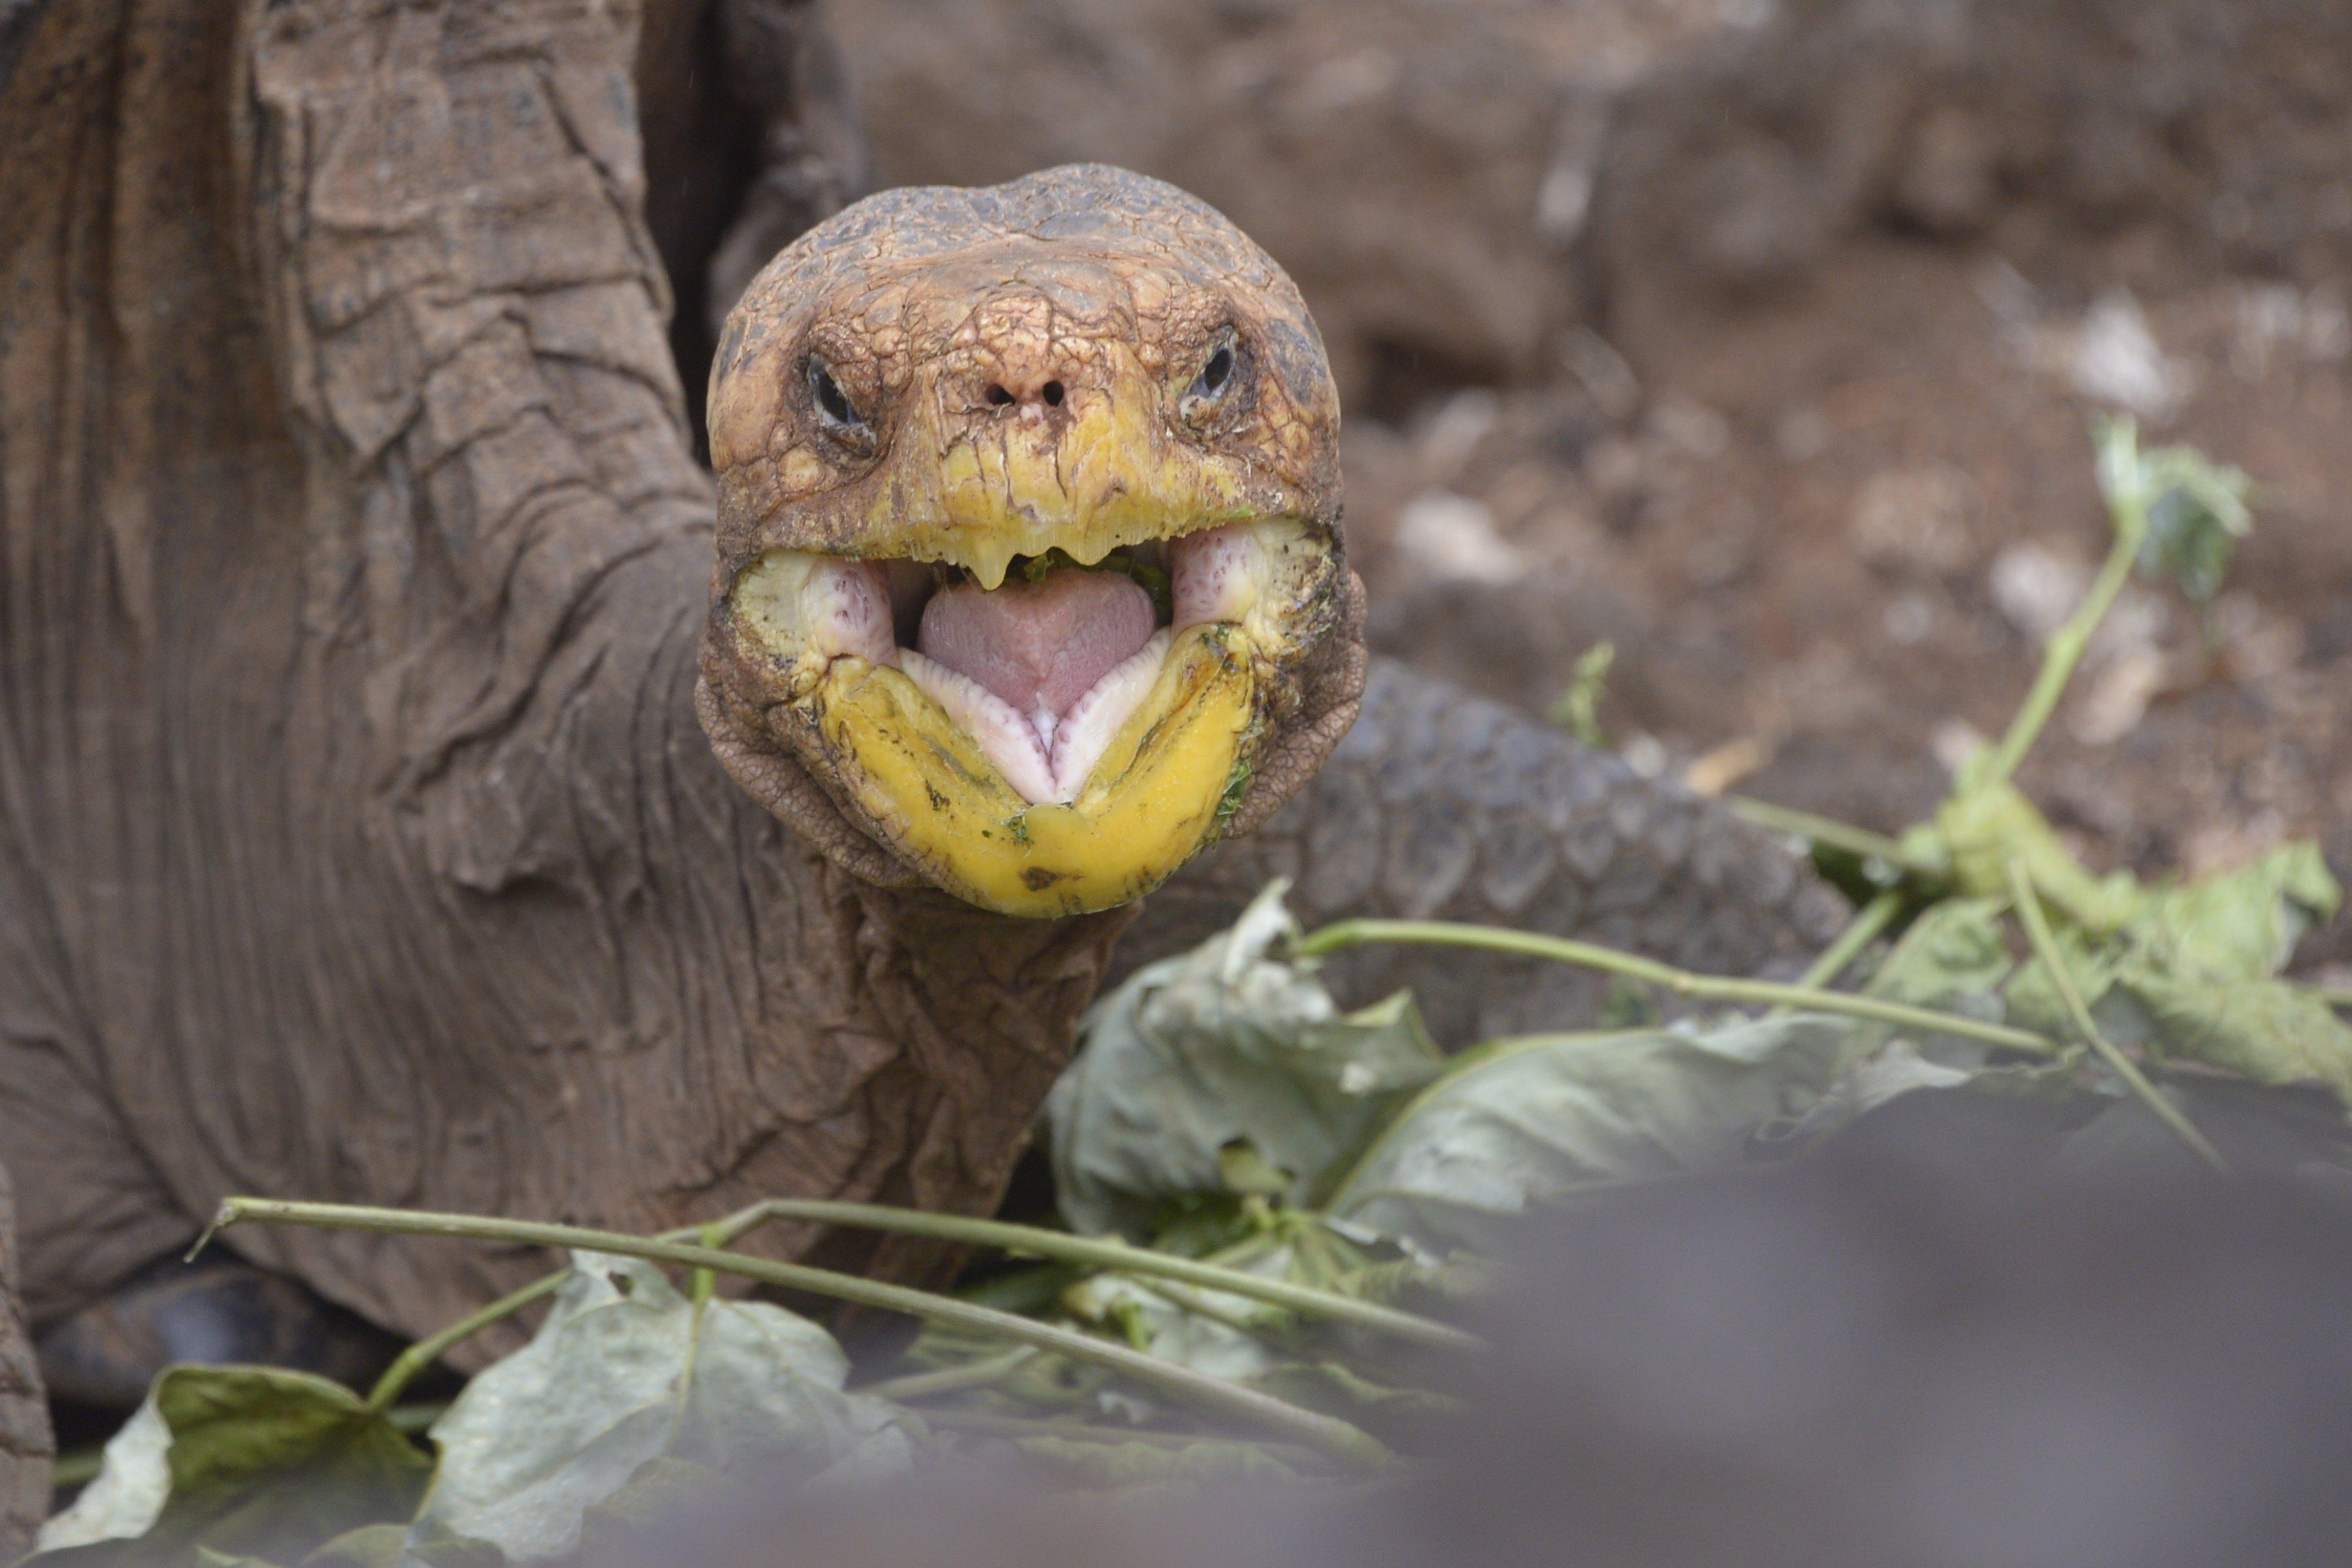 Nyugdíjba vonult Diego, a galápagosi óriásteknős, aki szinte egymaga mentette meg faját a kihalástól